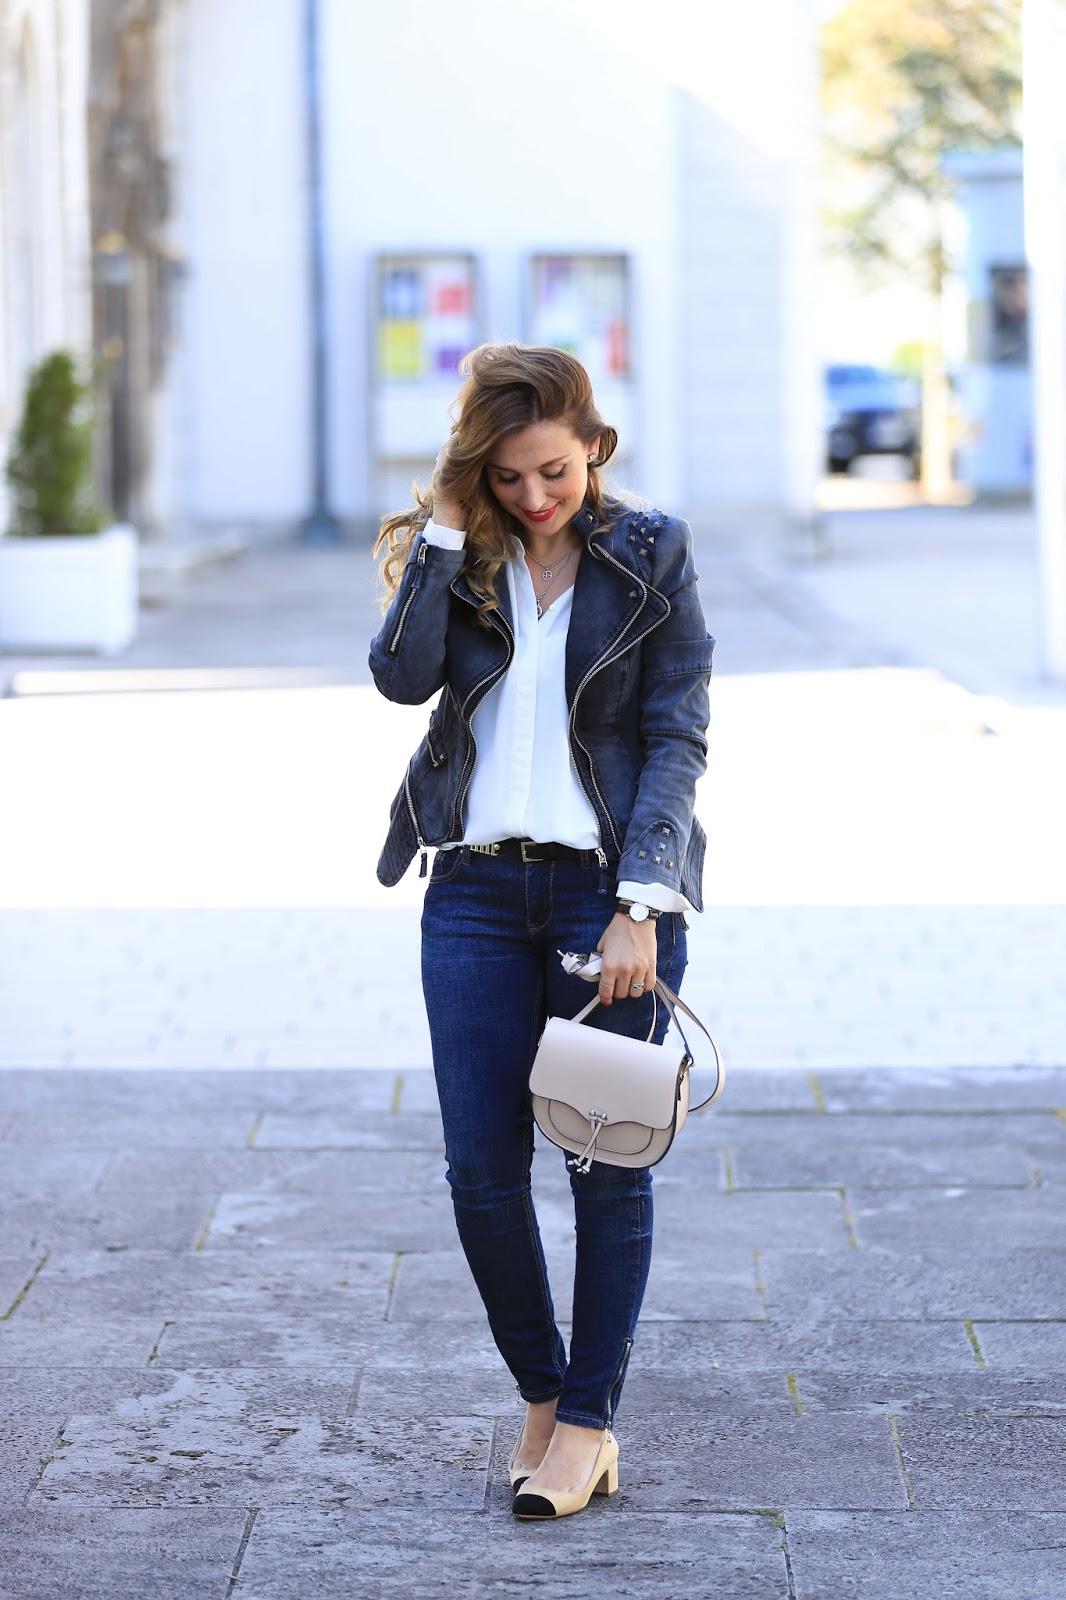 Fashionstylebyjohanna-aus-Frankfurt-Fashionblogger-das-schöne am-Bloggen-Klatsch-aus-der-Bloggerwelt-Schwarze Biker Jacke-Mantel-Zara-türkis-Winterjacke-Lederjacke-Schwarze Jeans Jacke - Jeans Jacke